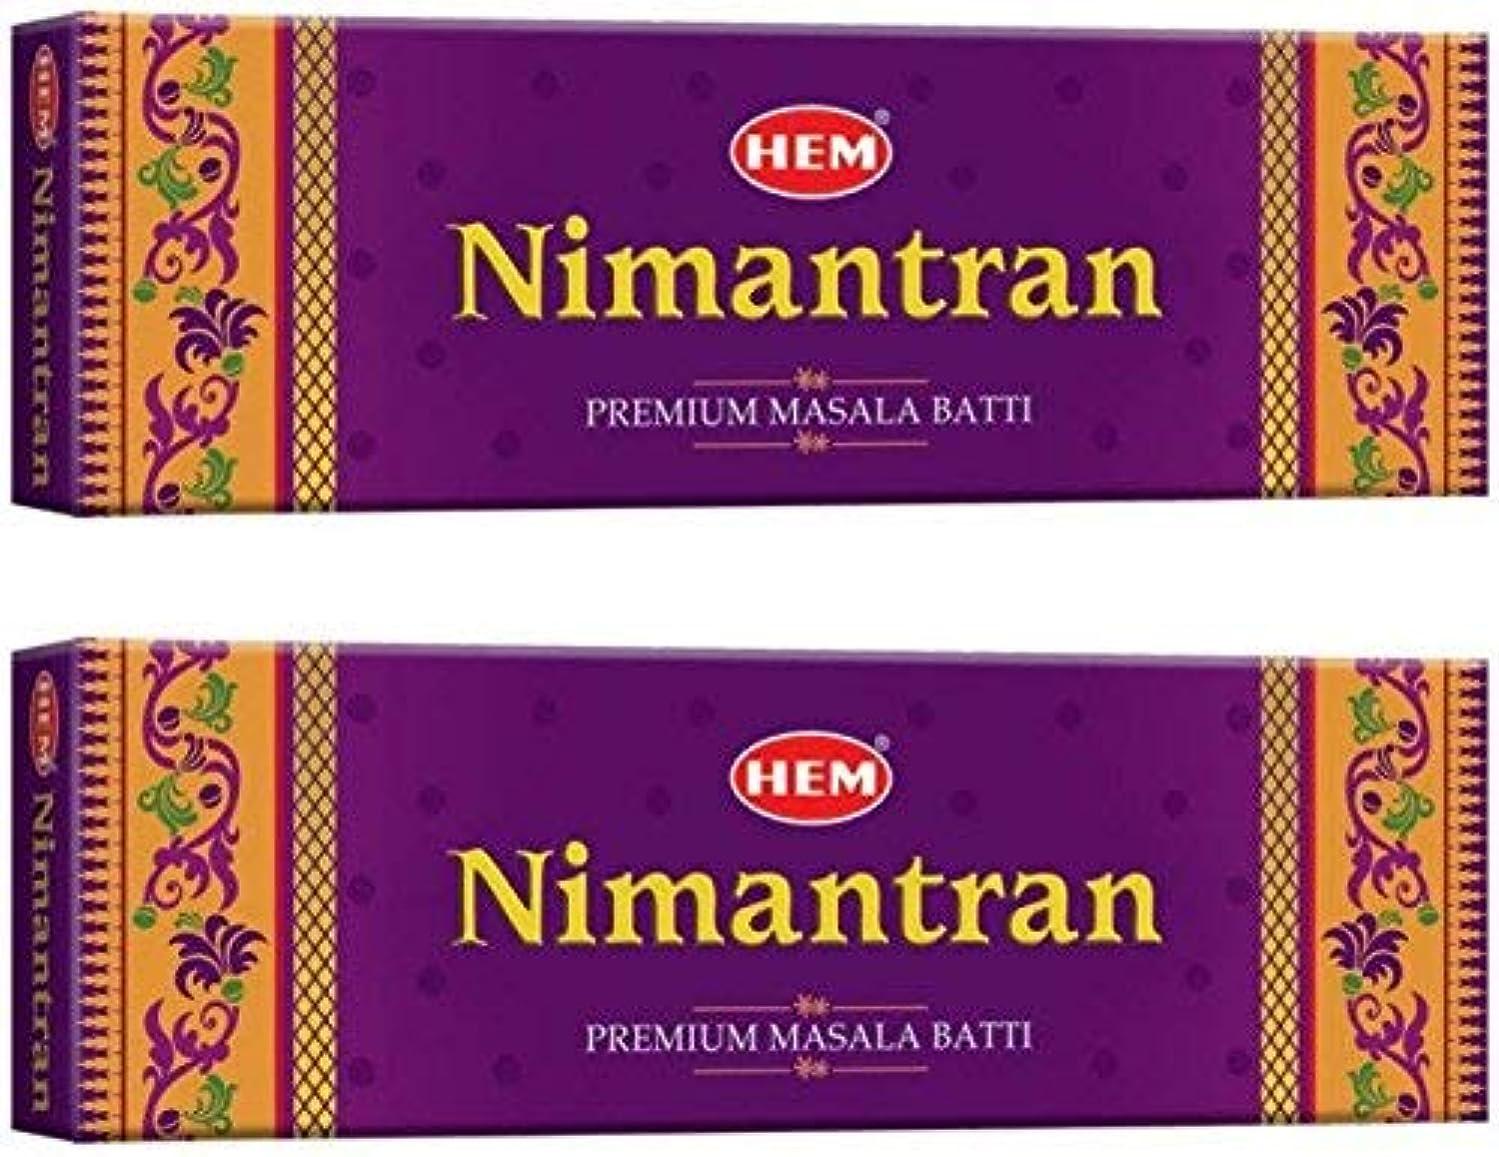 ユーモラスジョージエリオットジョージスティーブンソンHem Nimantran Incense Stick Pack of 2(12.4 cm x 9.4 cm x 24 cm, Brown)